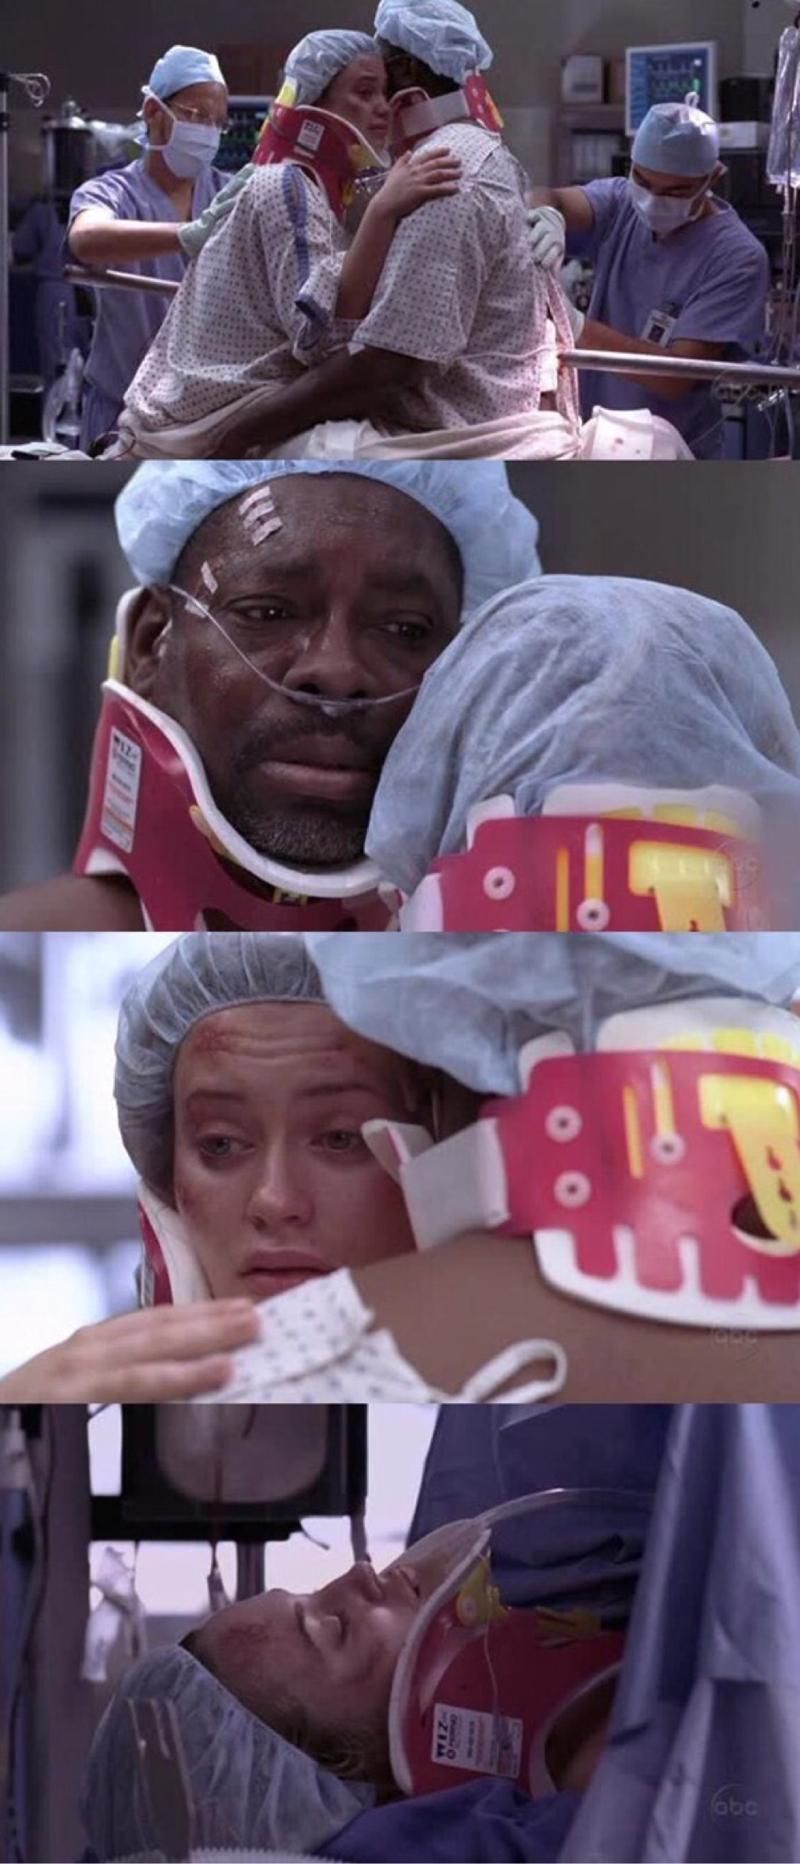 Eu ainda tinha esperança de que ela sobrevivesse.  😔😢😭